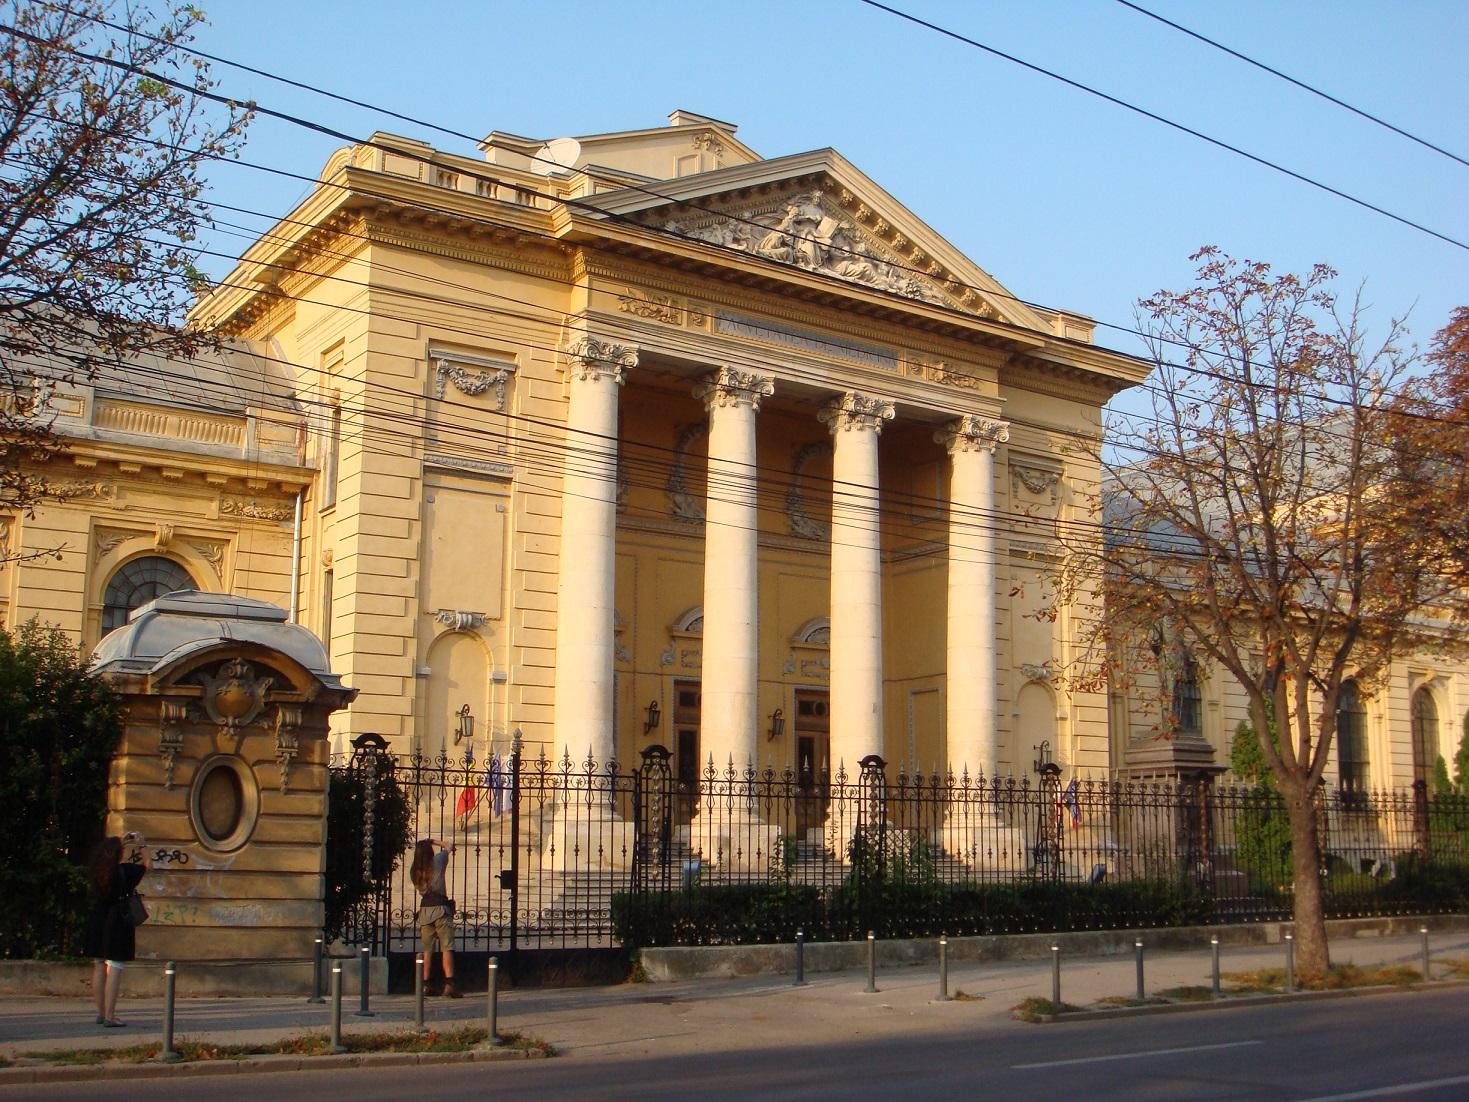 جامعة كارول دافيلا - بوخارست تتفوق على التخنيون ضمن مؤشر شنغهاي وتحصل على تدريج أفضل: ٢٠٠ مقابل ٤٠٠